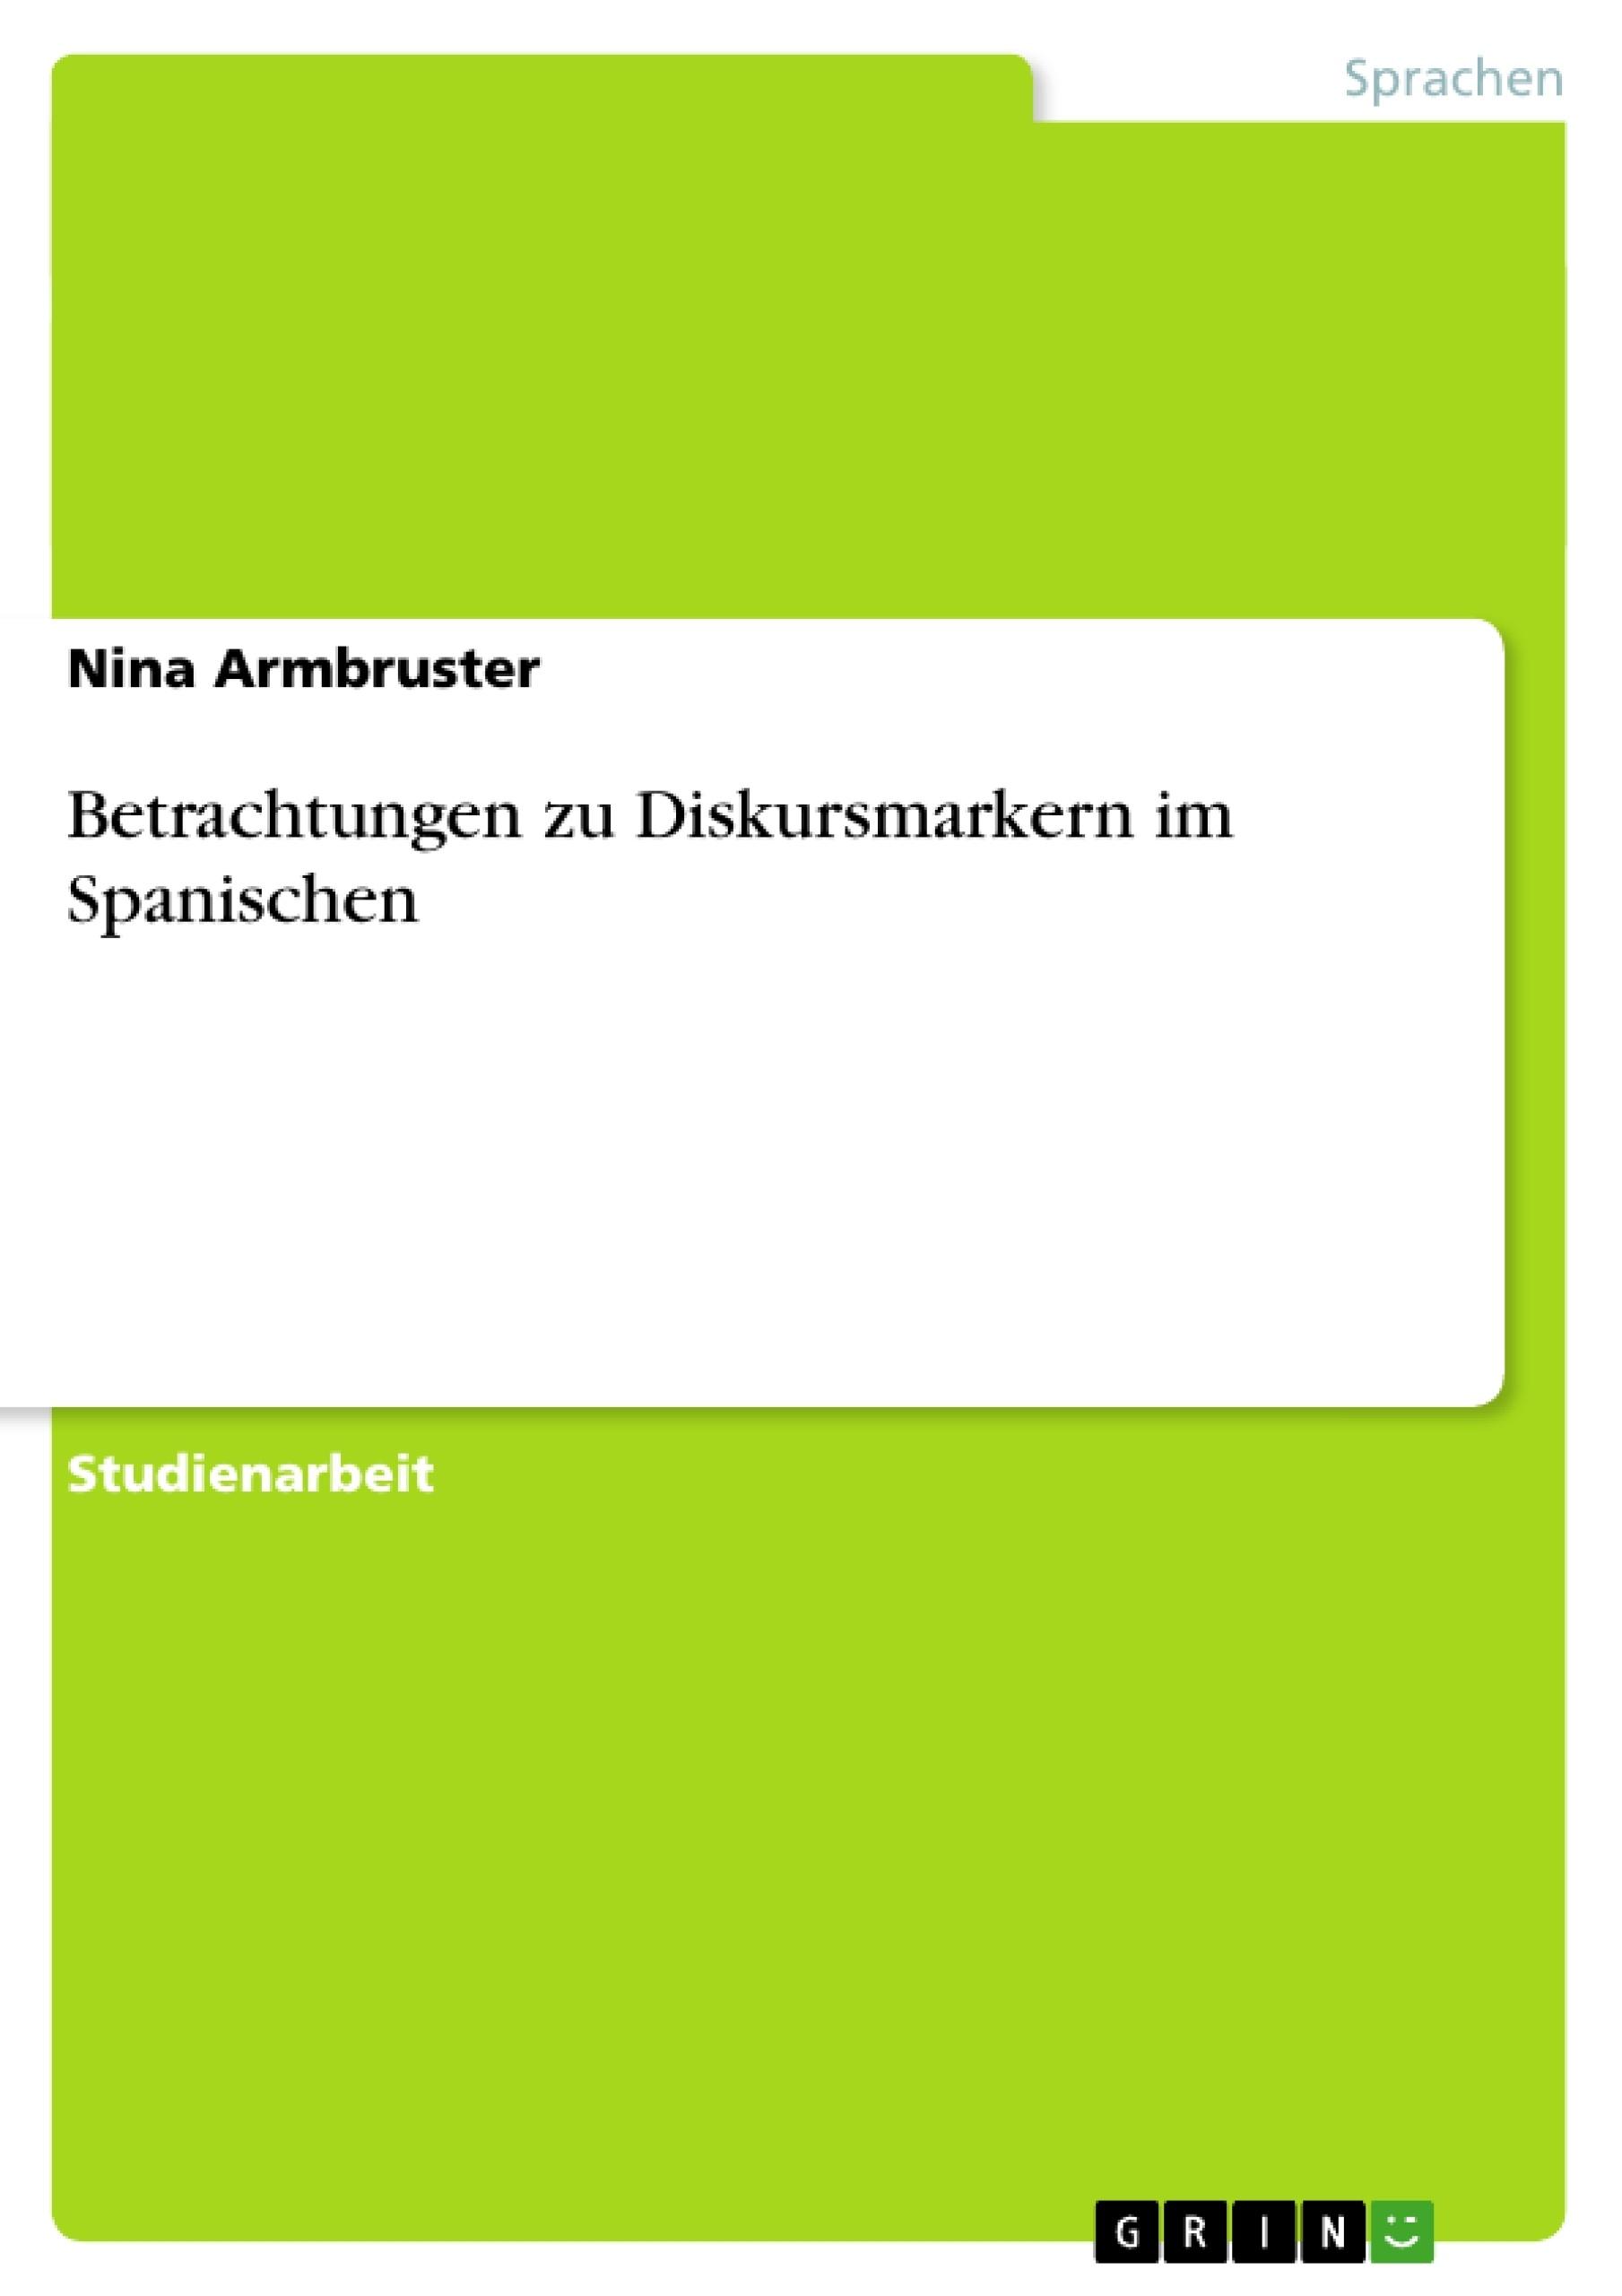 Titel: Betrachtungen zu Diskursmarkern im Spanischen